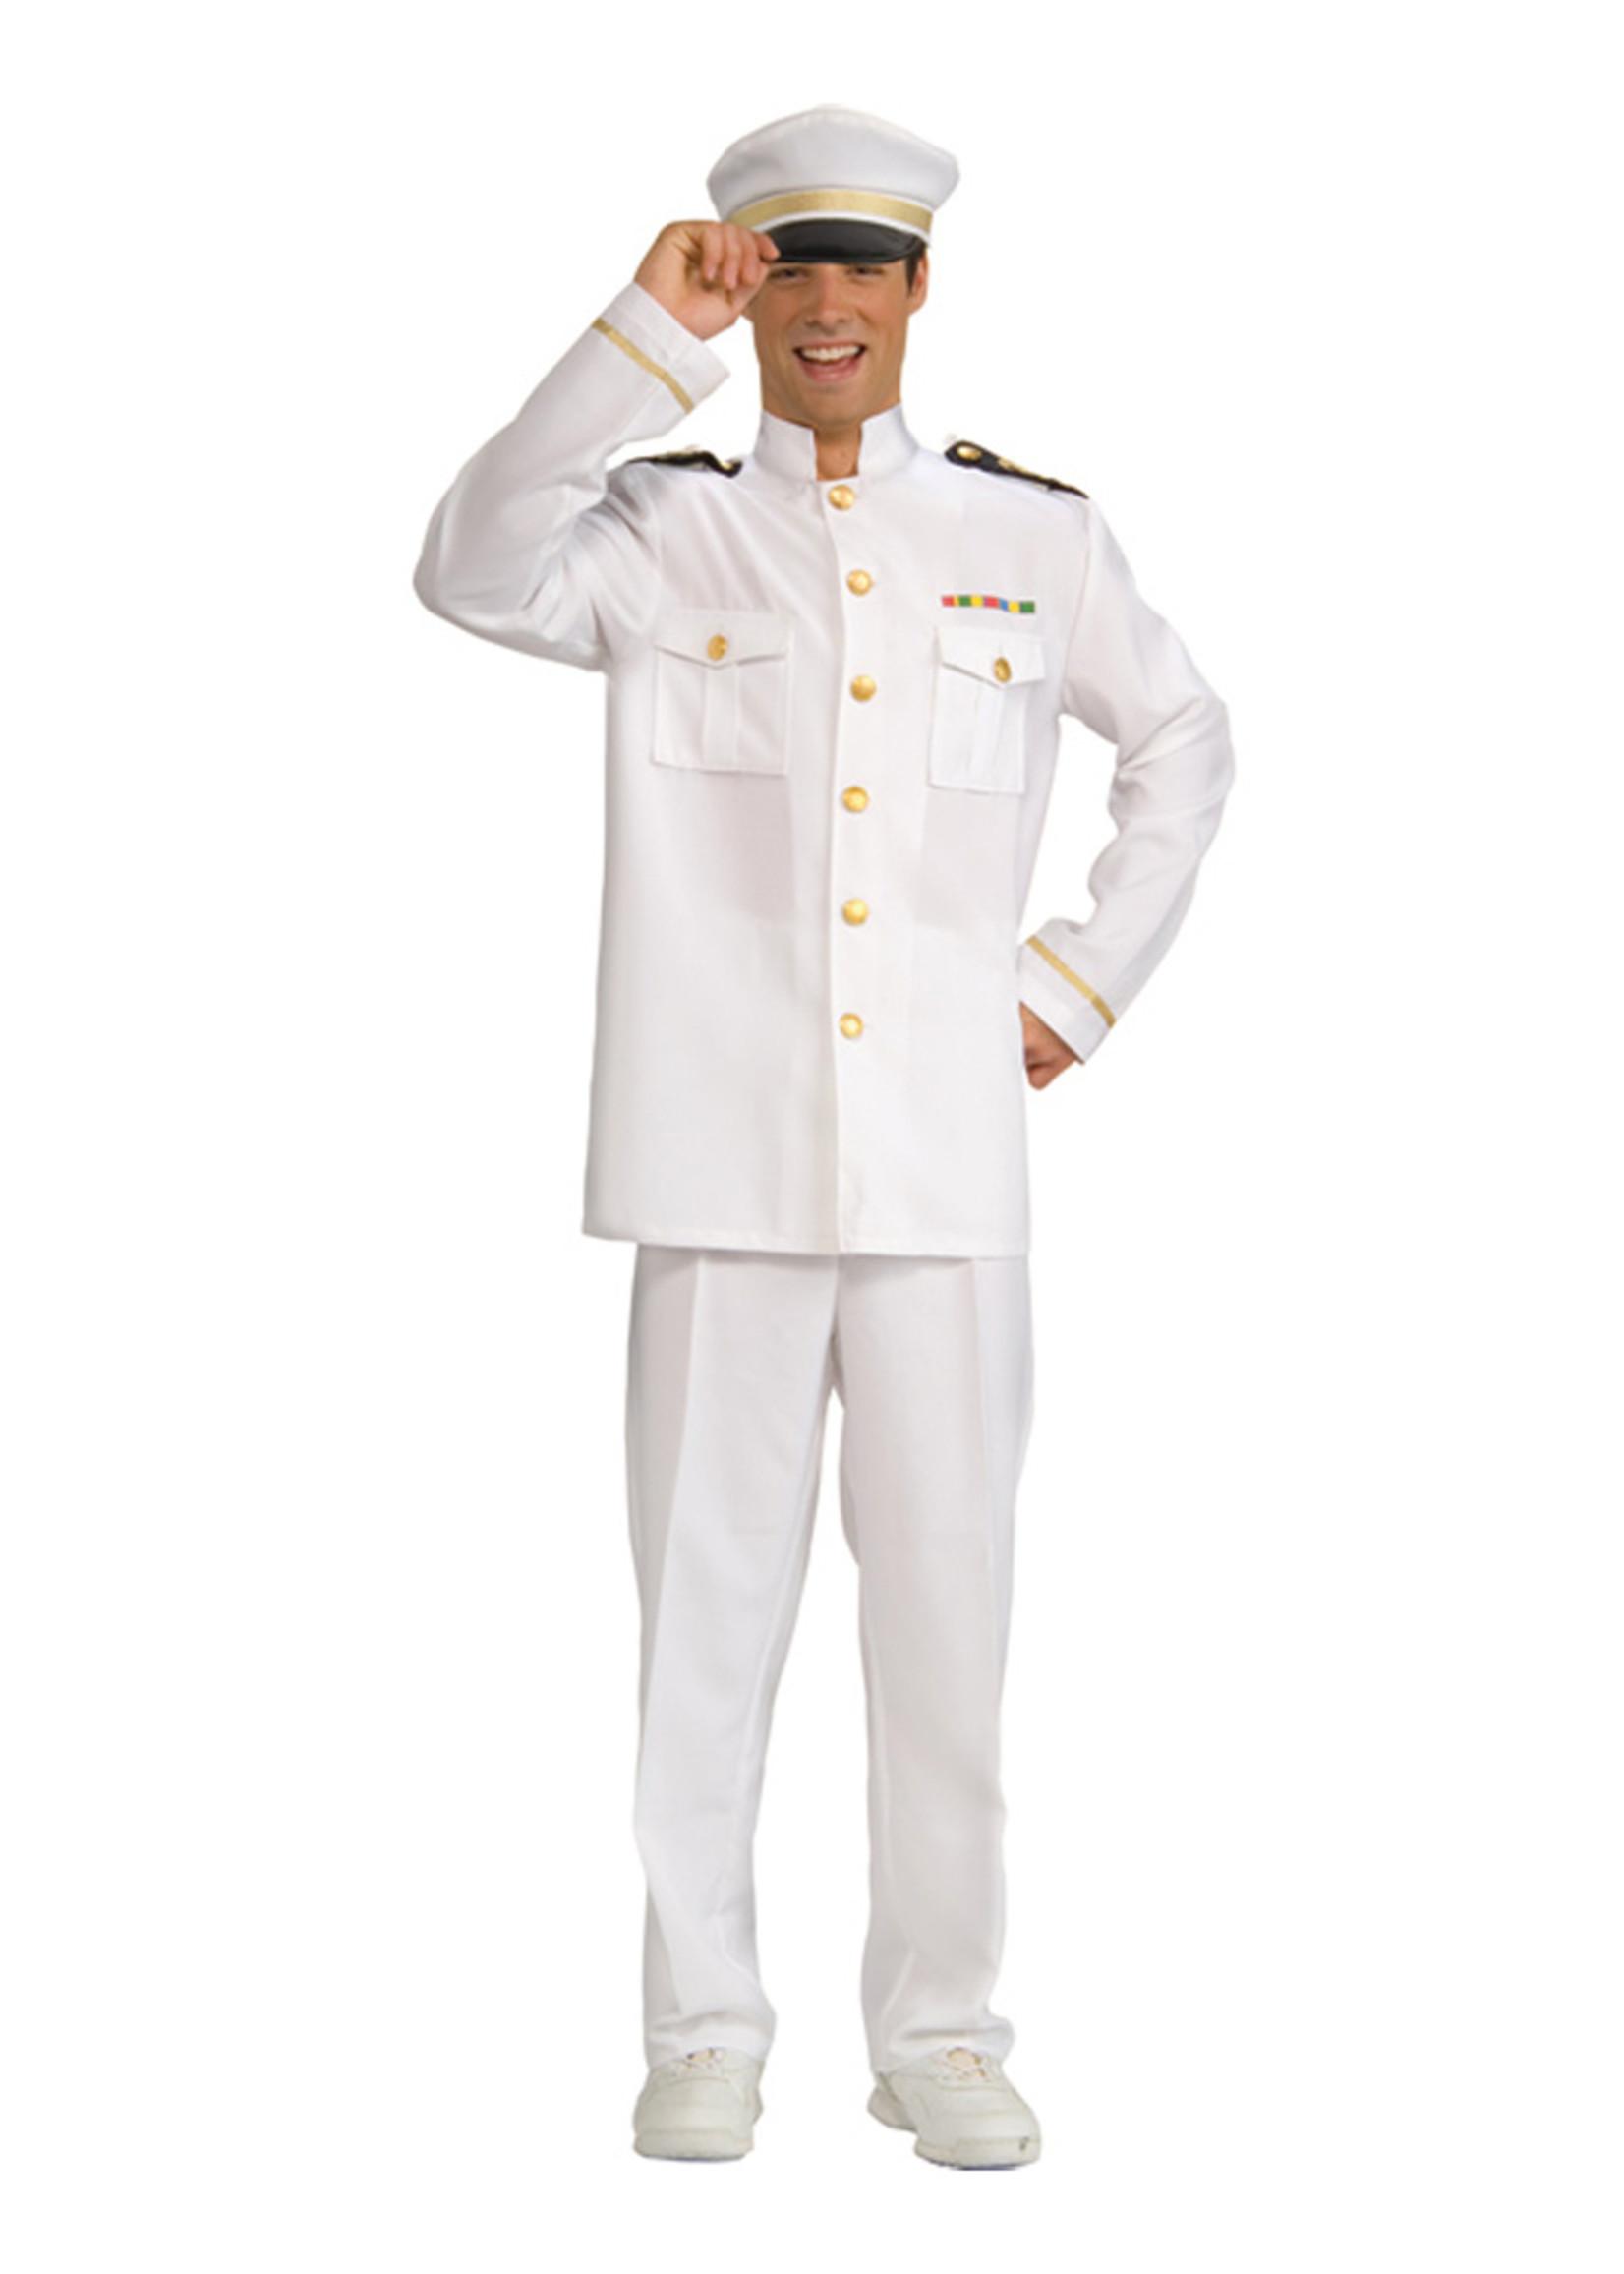 Captain Cruise Costume - Men's